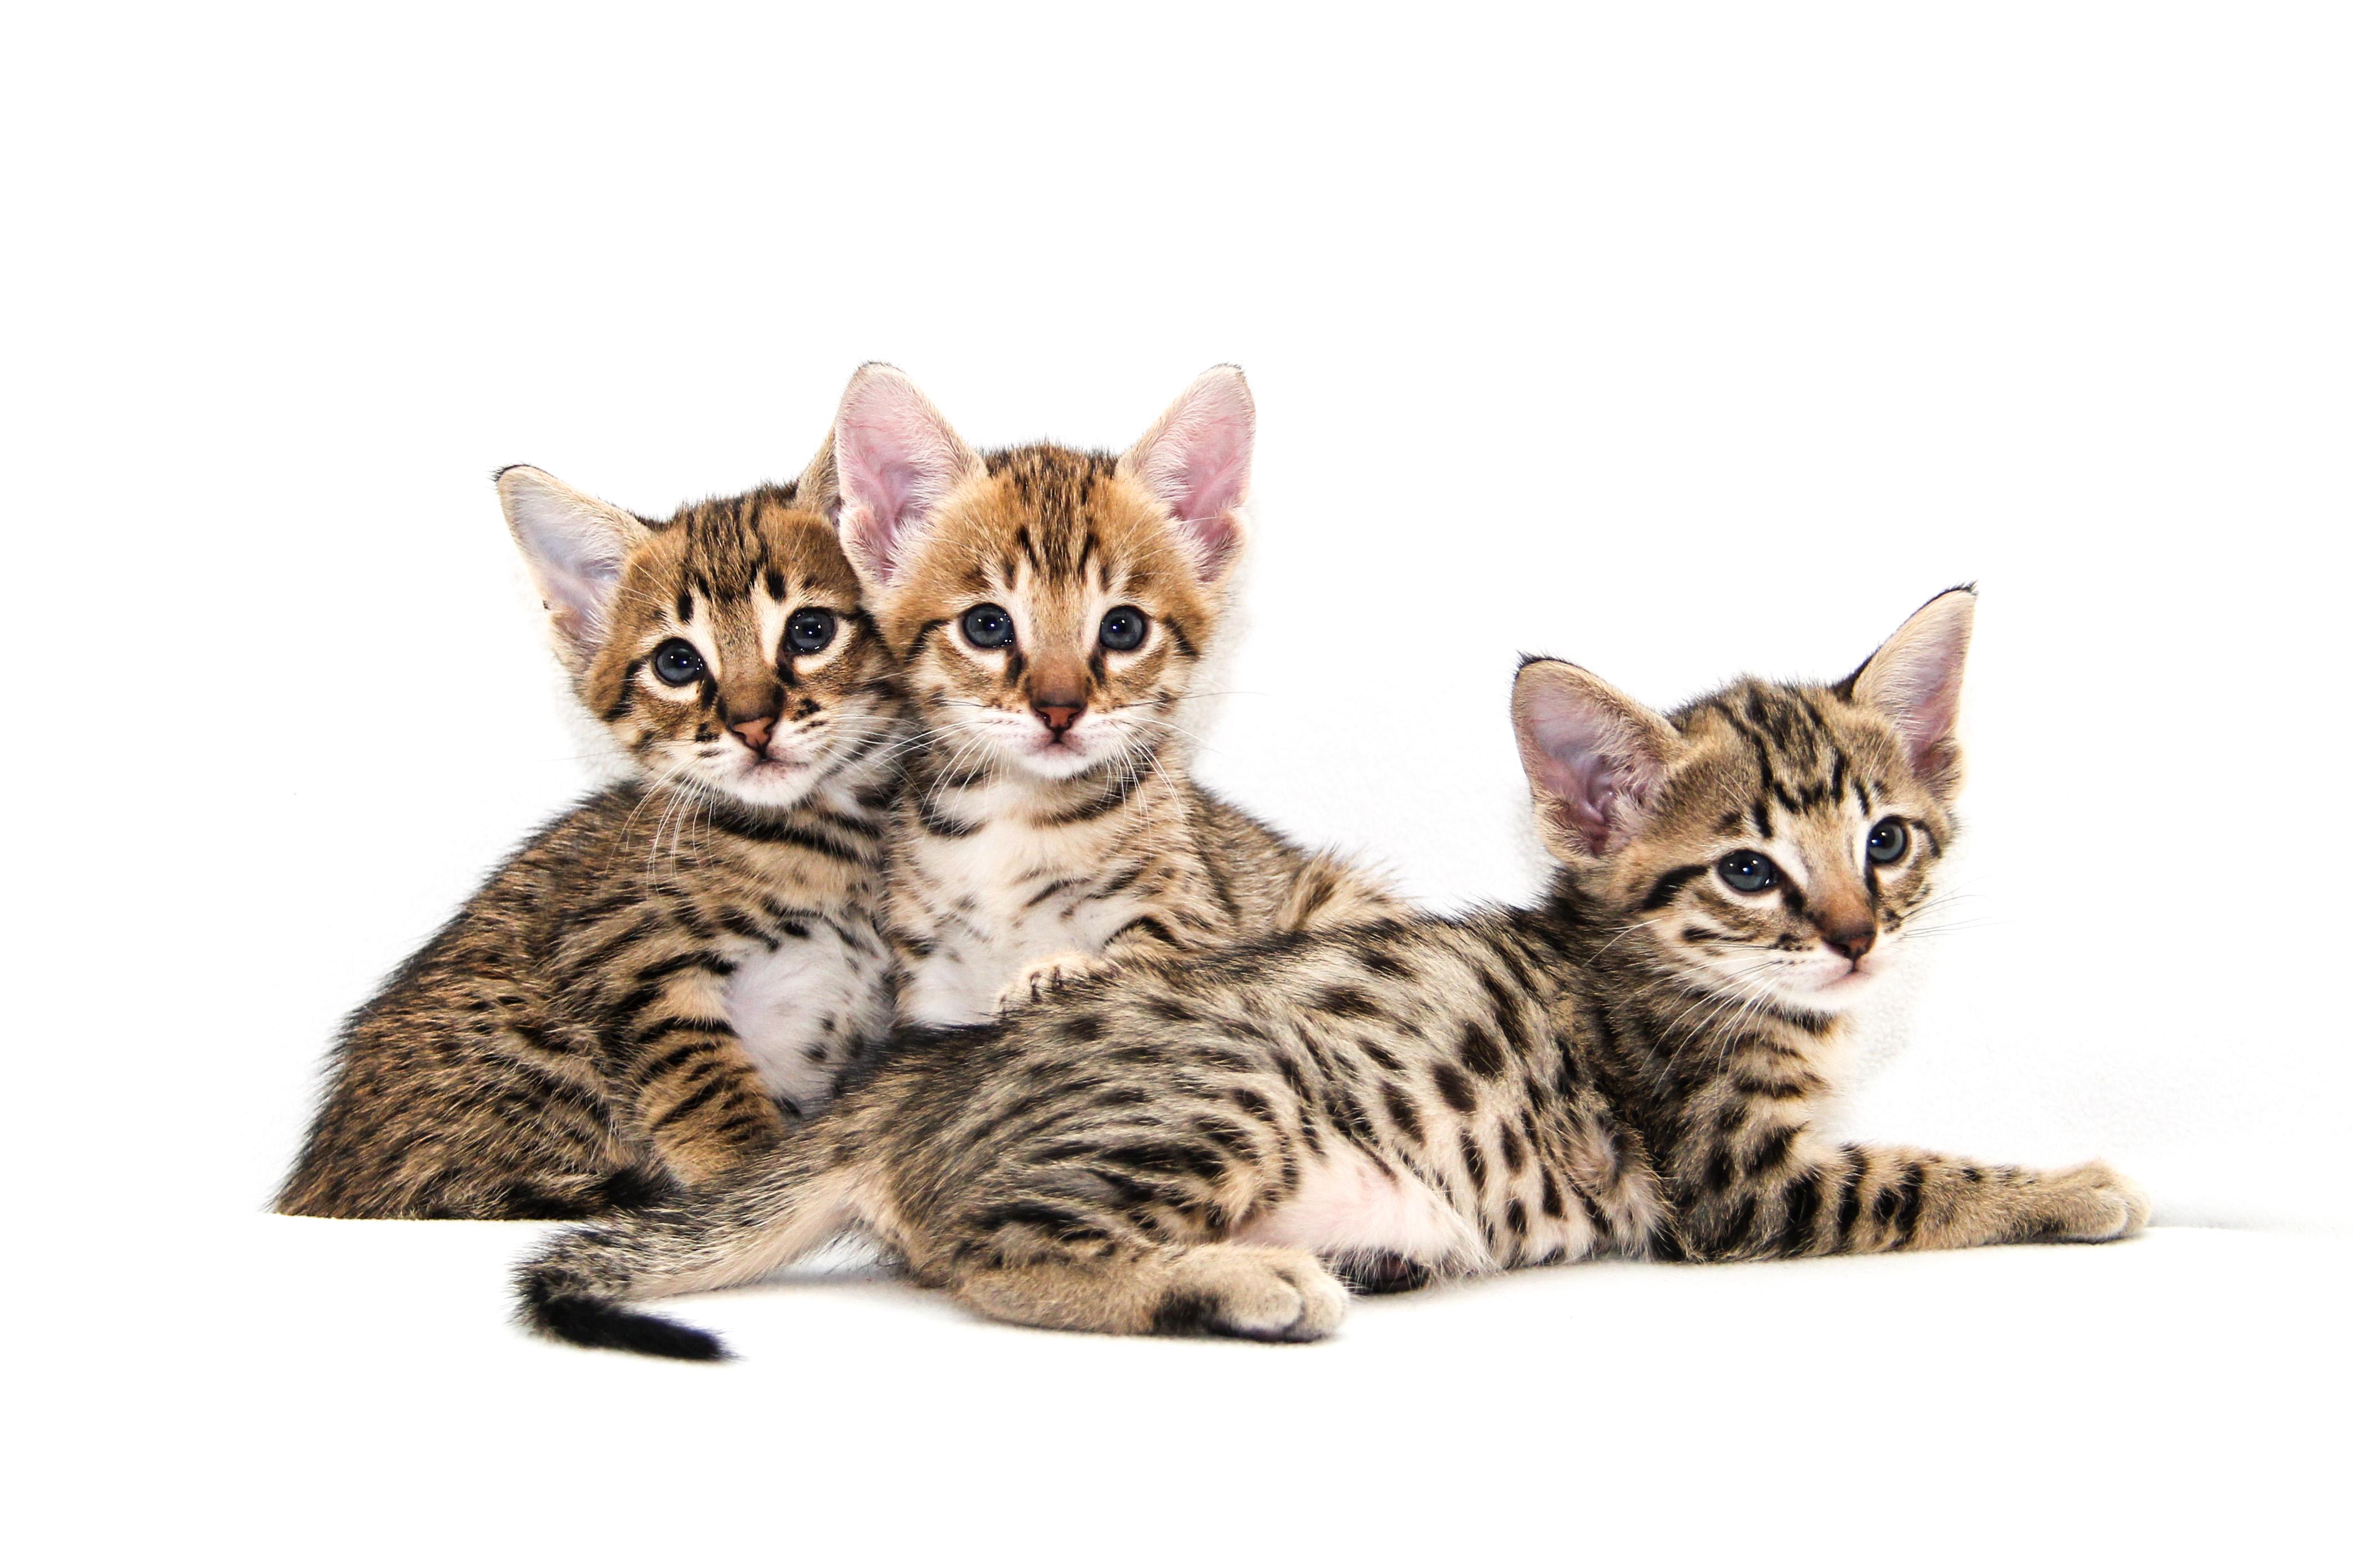 Savvy Paws Savannah Cats | Savannah Kittens in Ontario, Canada